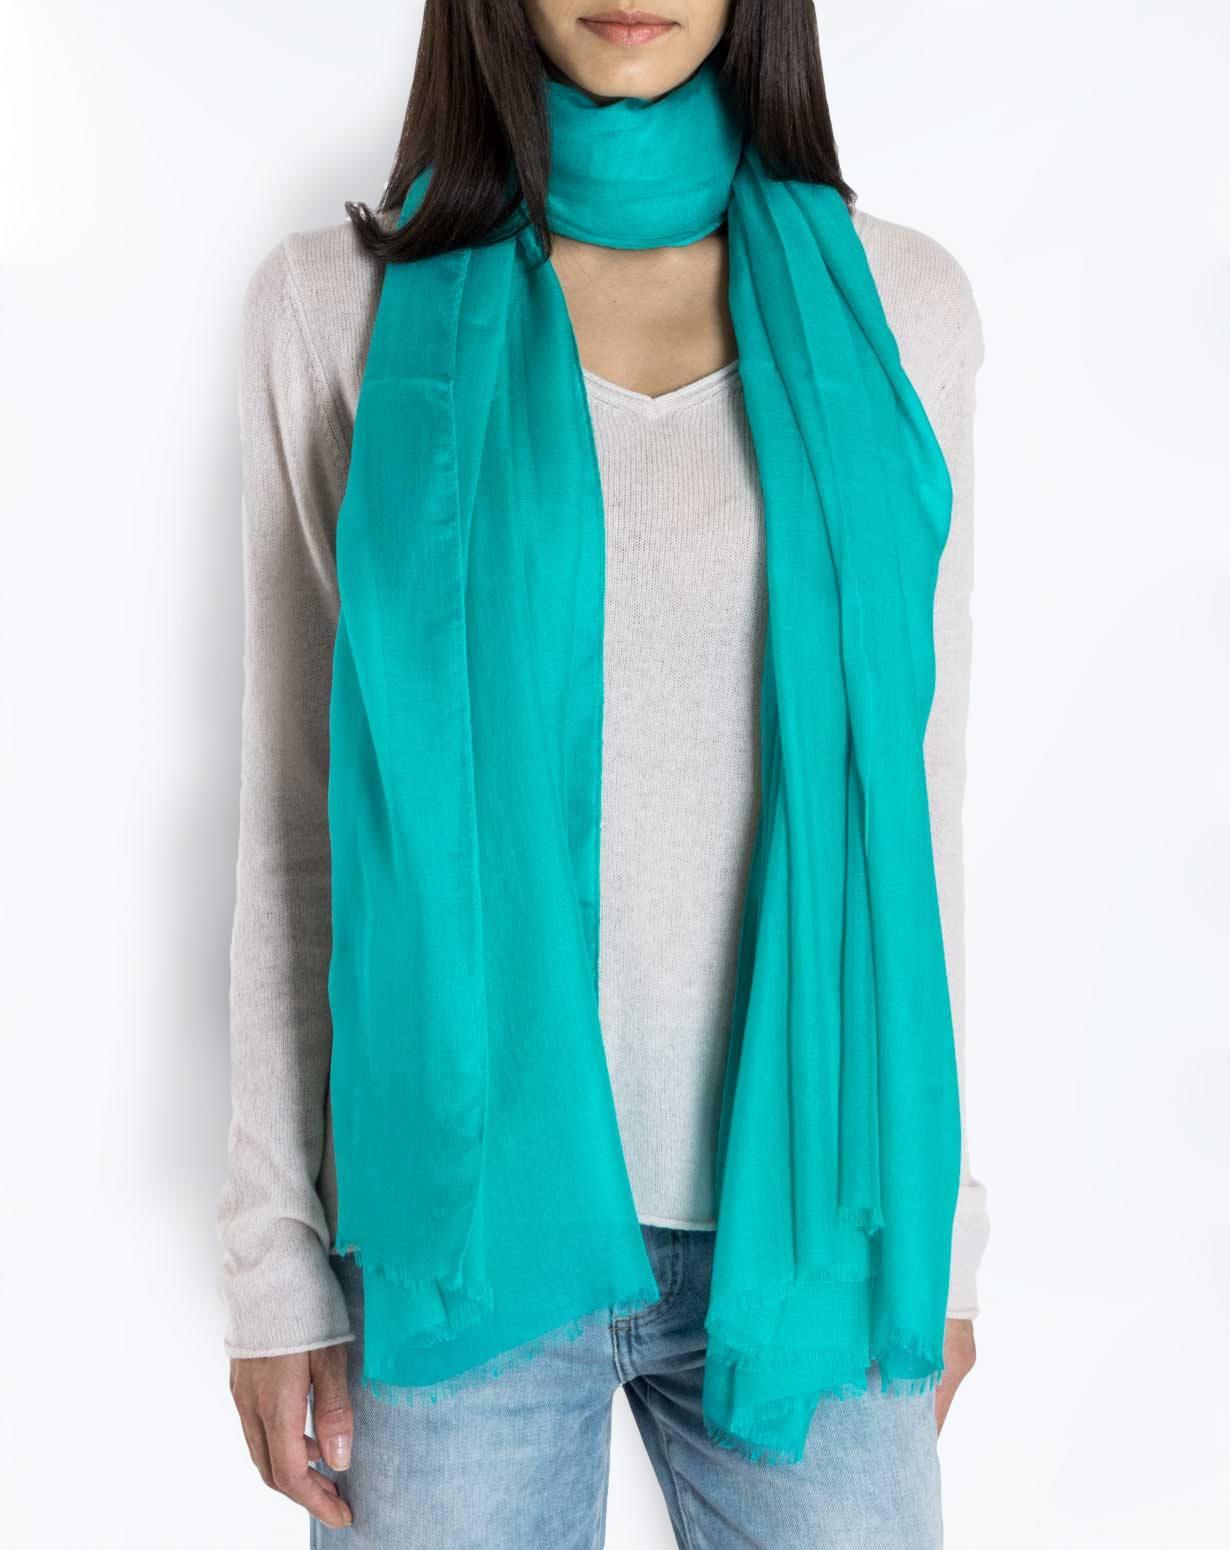 Cashmere Blend Pashmina - Turquoise